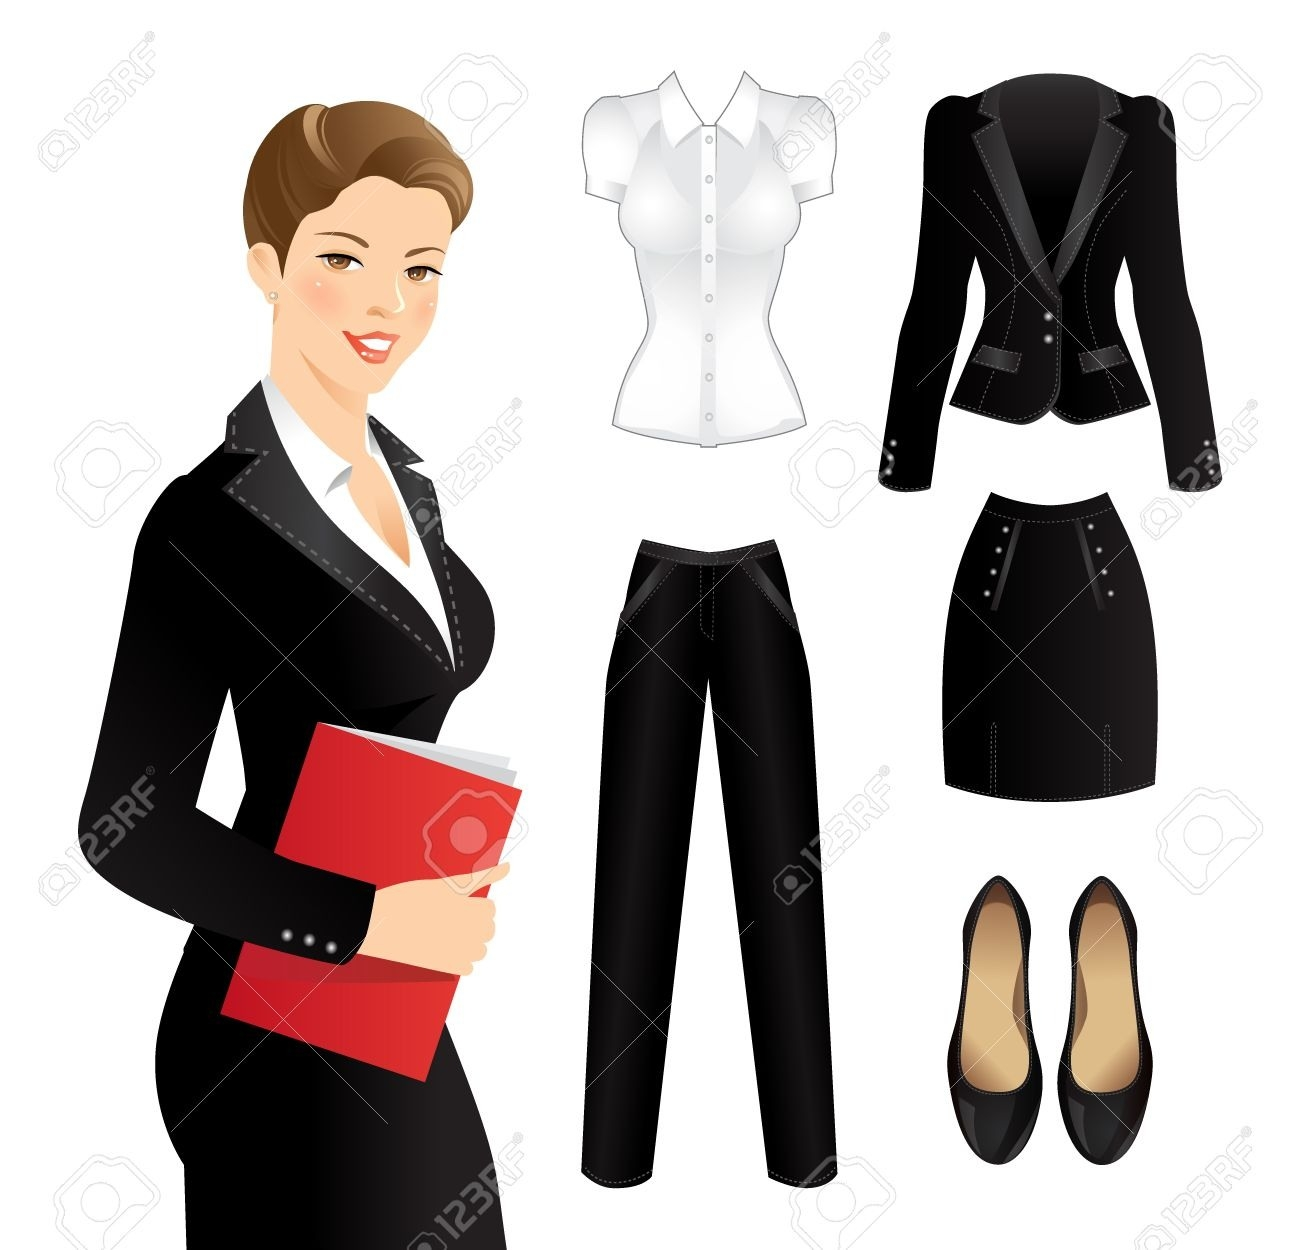 17 Erstaunlich Kleidung Frauen Bester Preis10 Einzigartig Kleidung Frauen Design